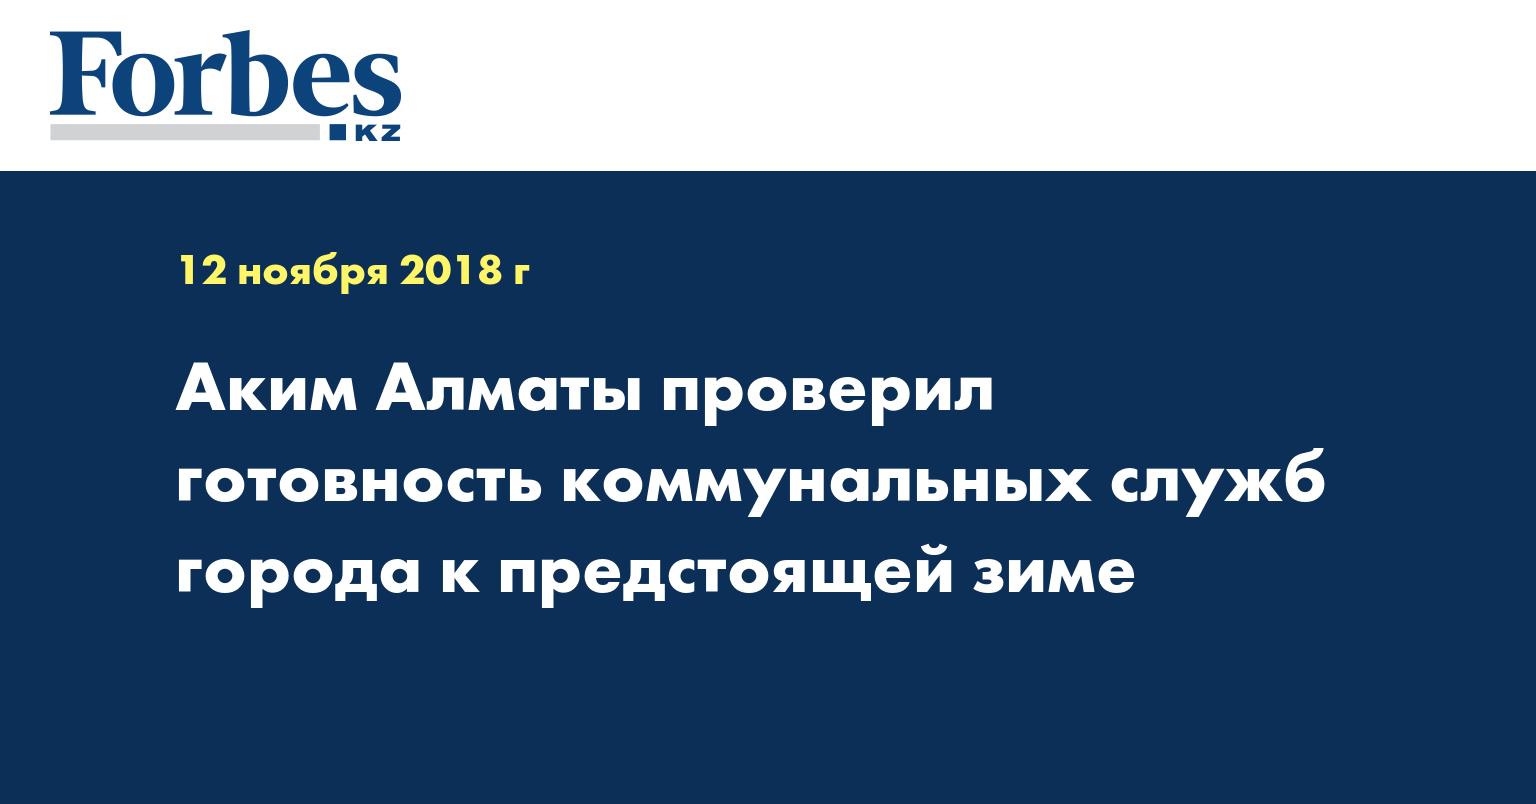 Аким Алматы проверил готовность коммунальных служб города к предстоящей зиме